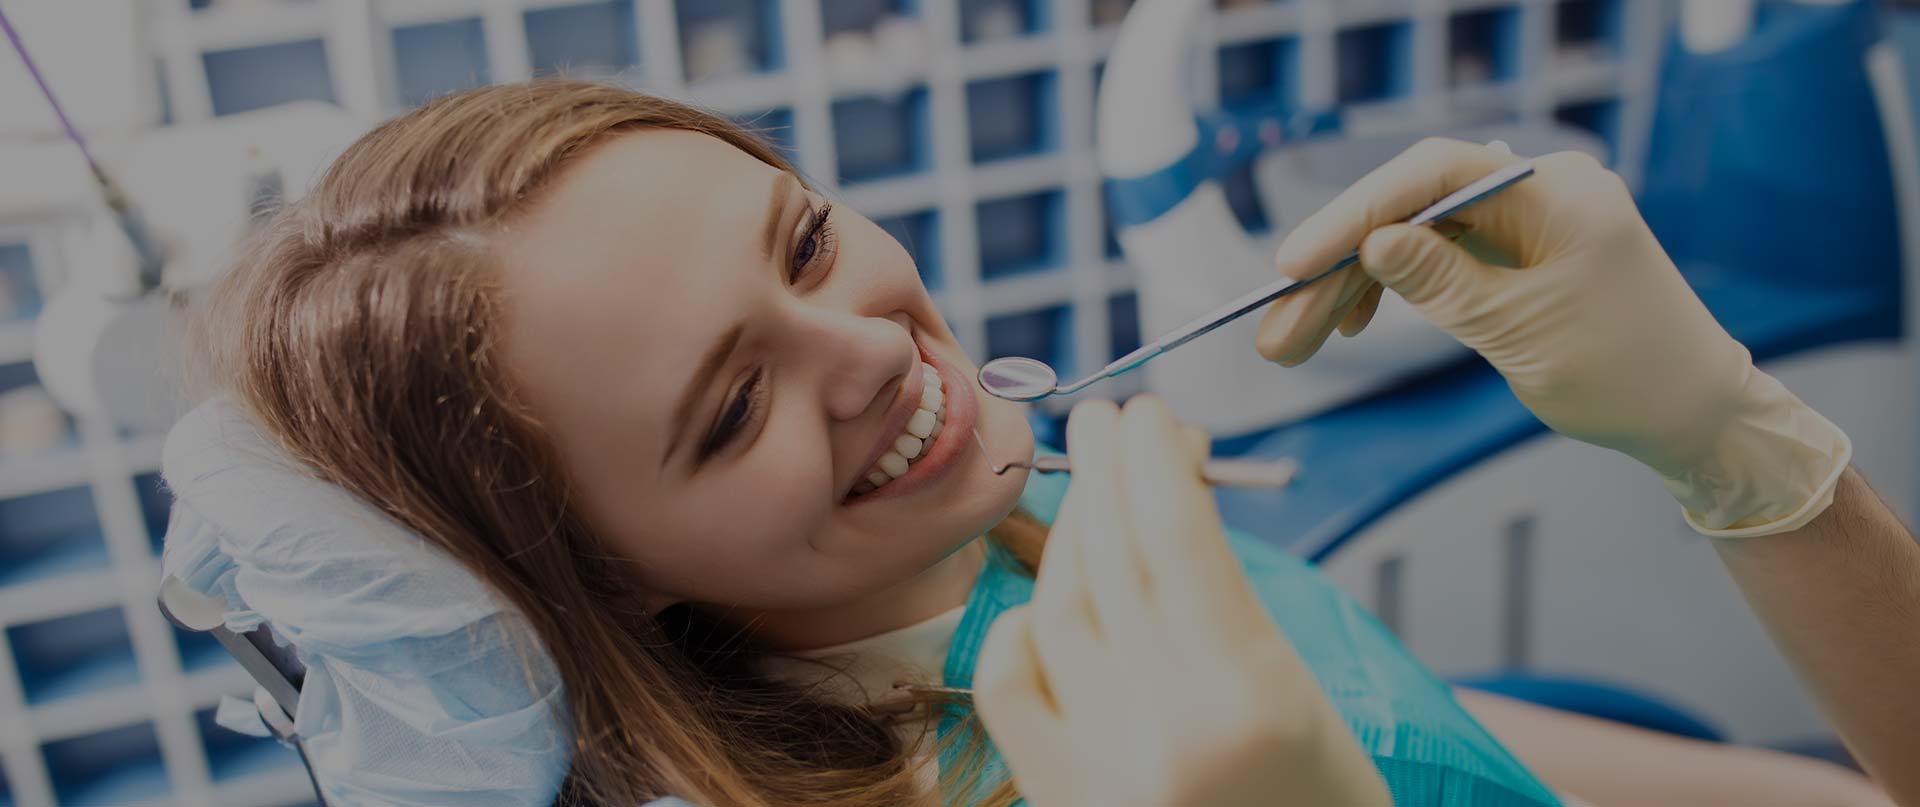 Postaw na profesjonalną opiekę stomatologiczną